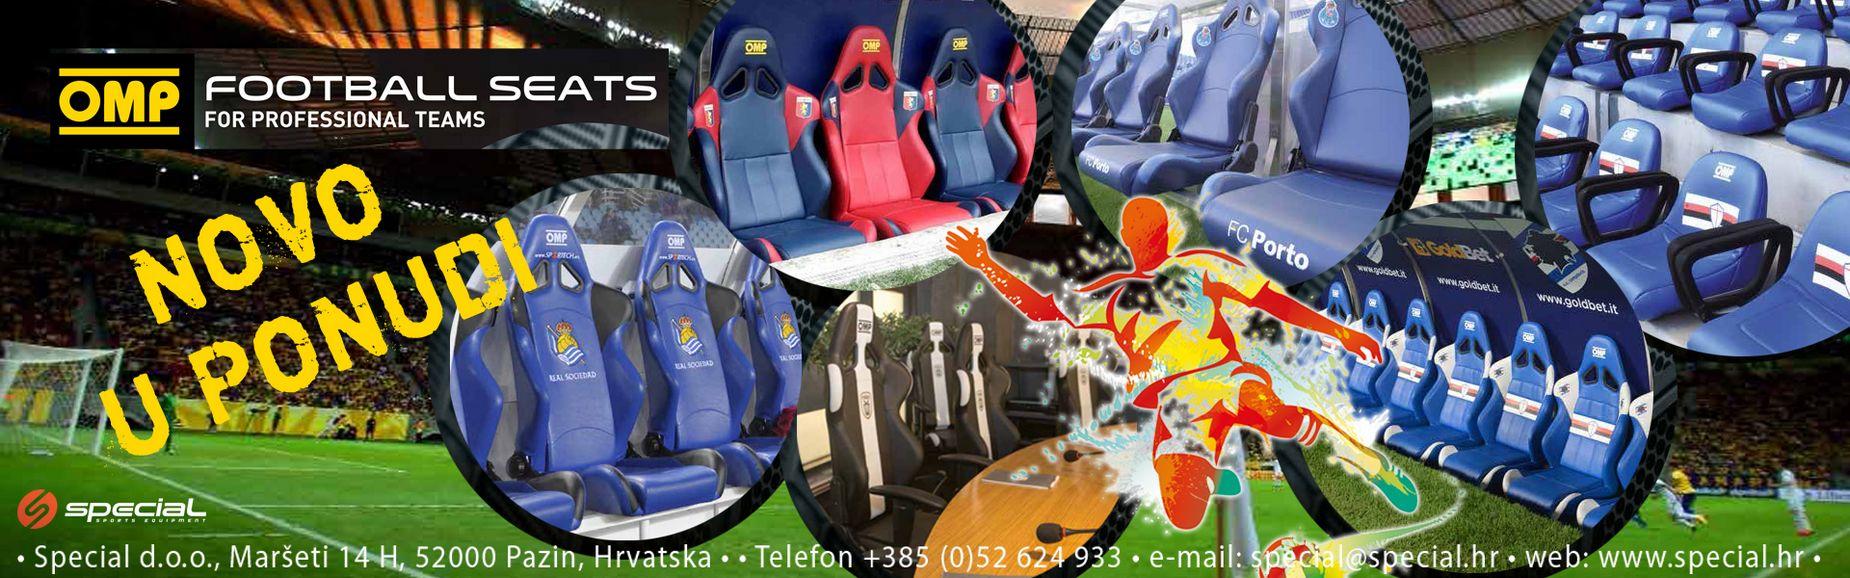 1-Profesionalne_sjedalice_OMP_za_rez_igrae_WEB